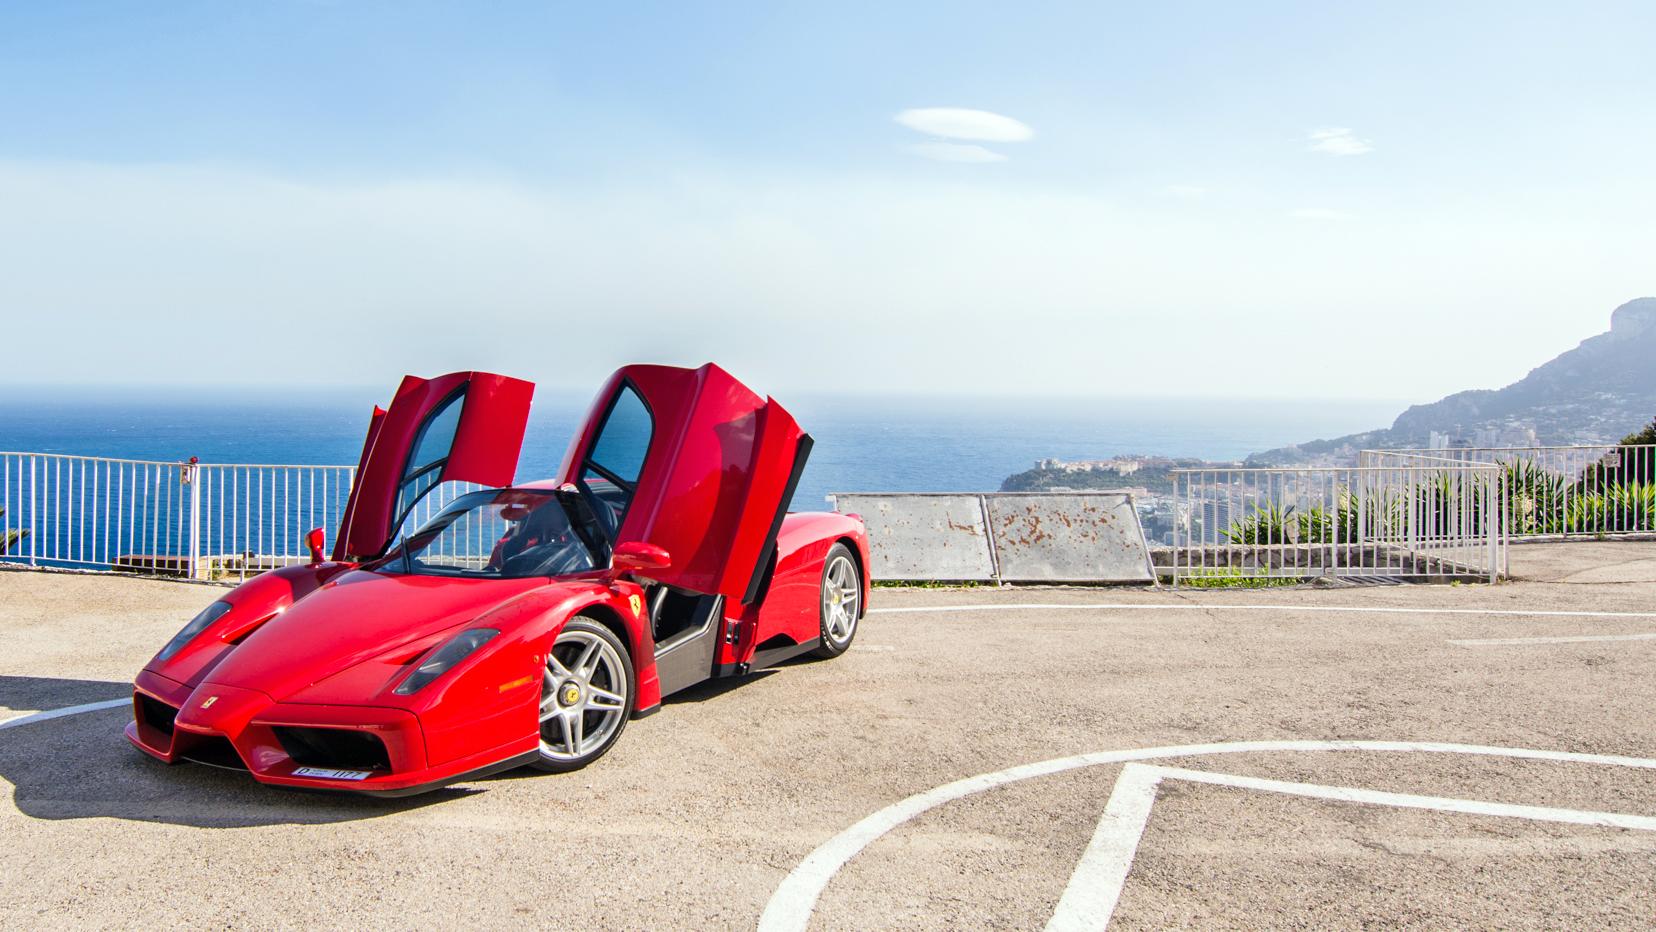 Concessionnaire Ferrari à Cannes en France - voiture neuve ...